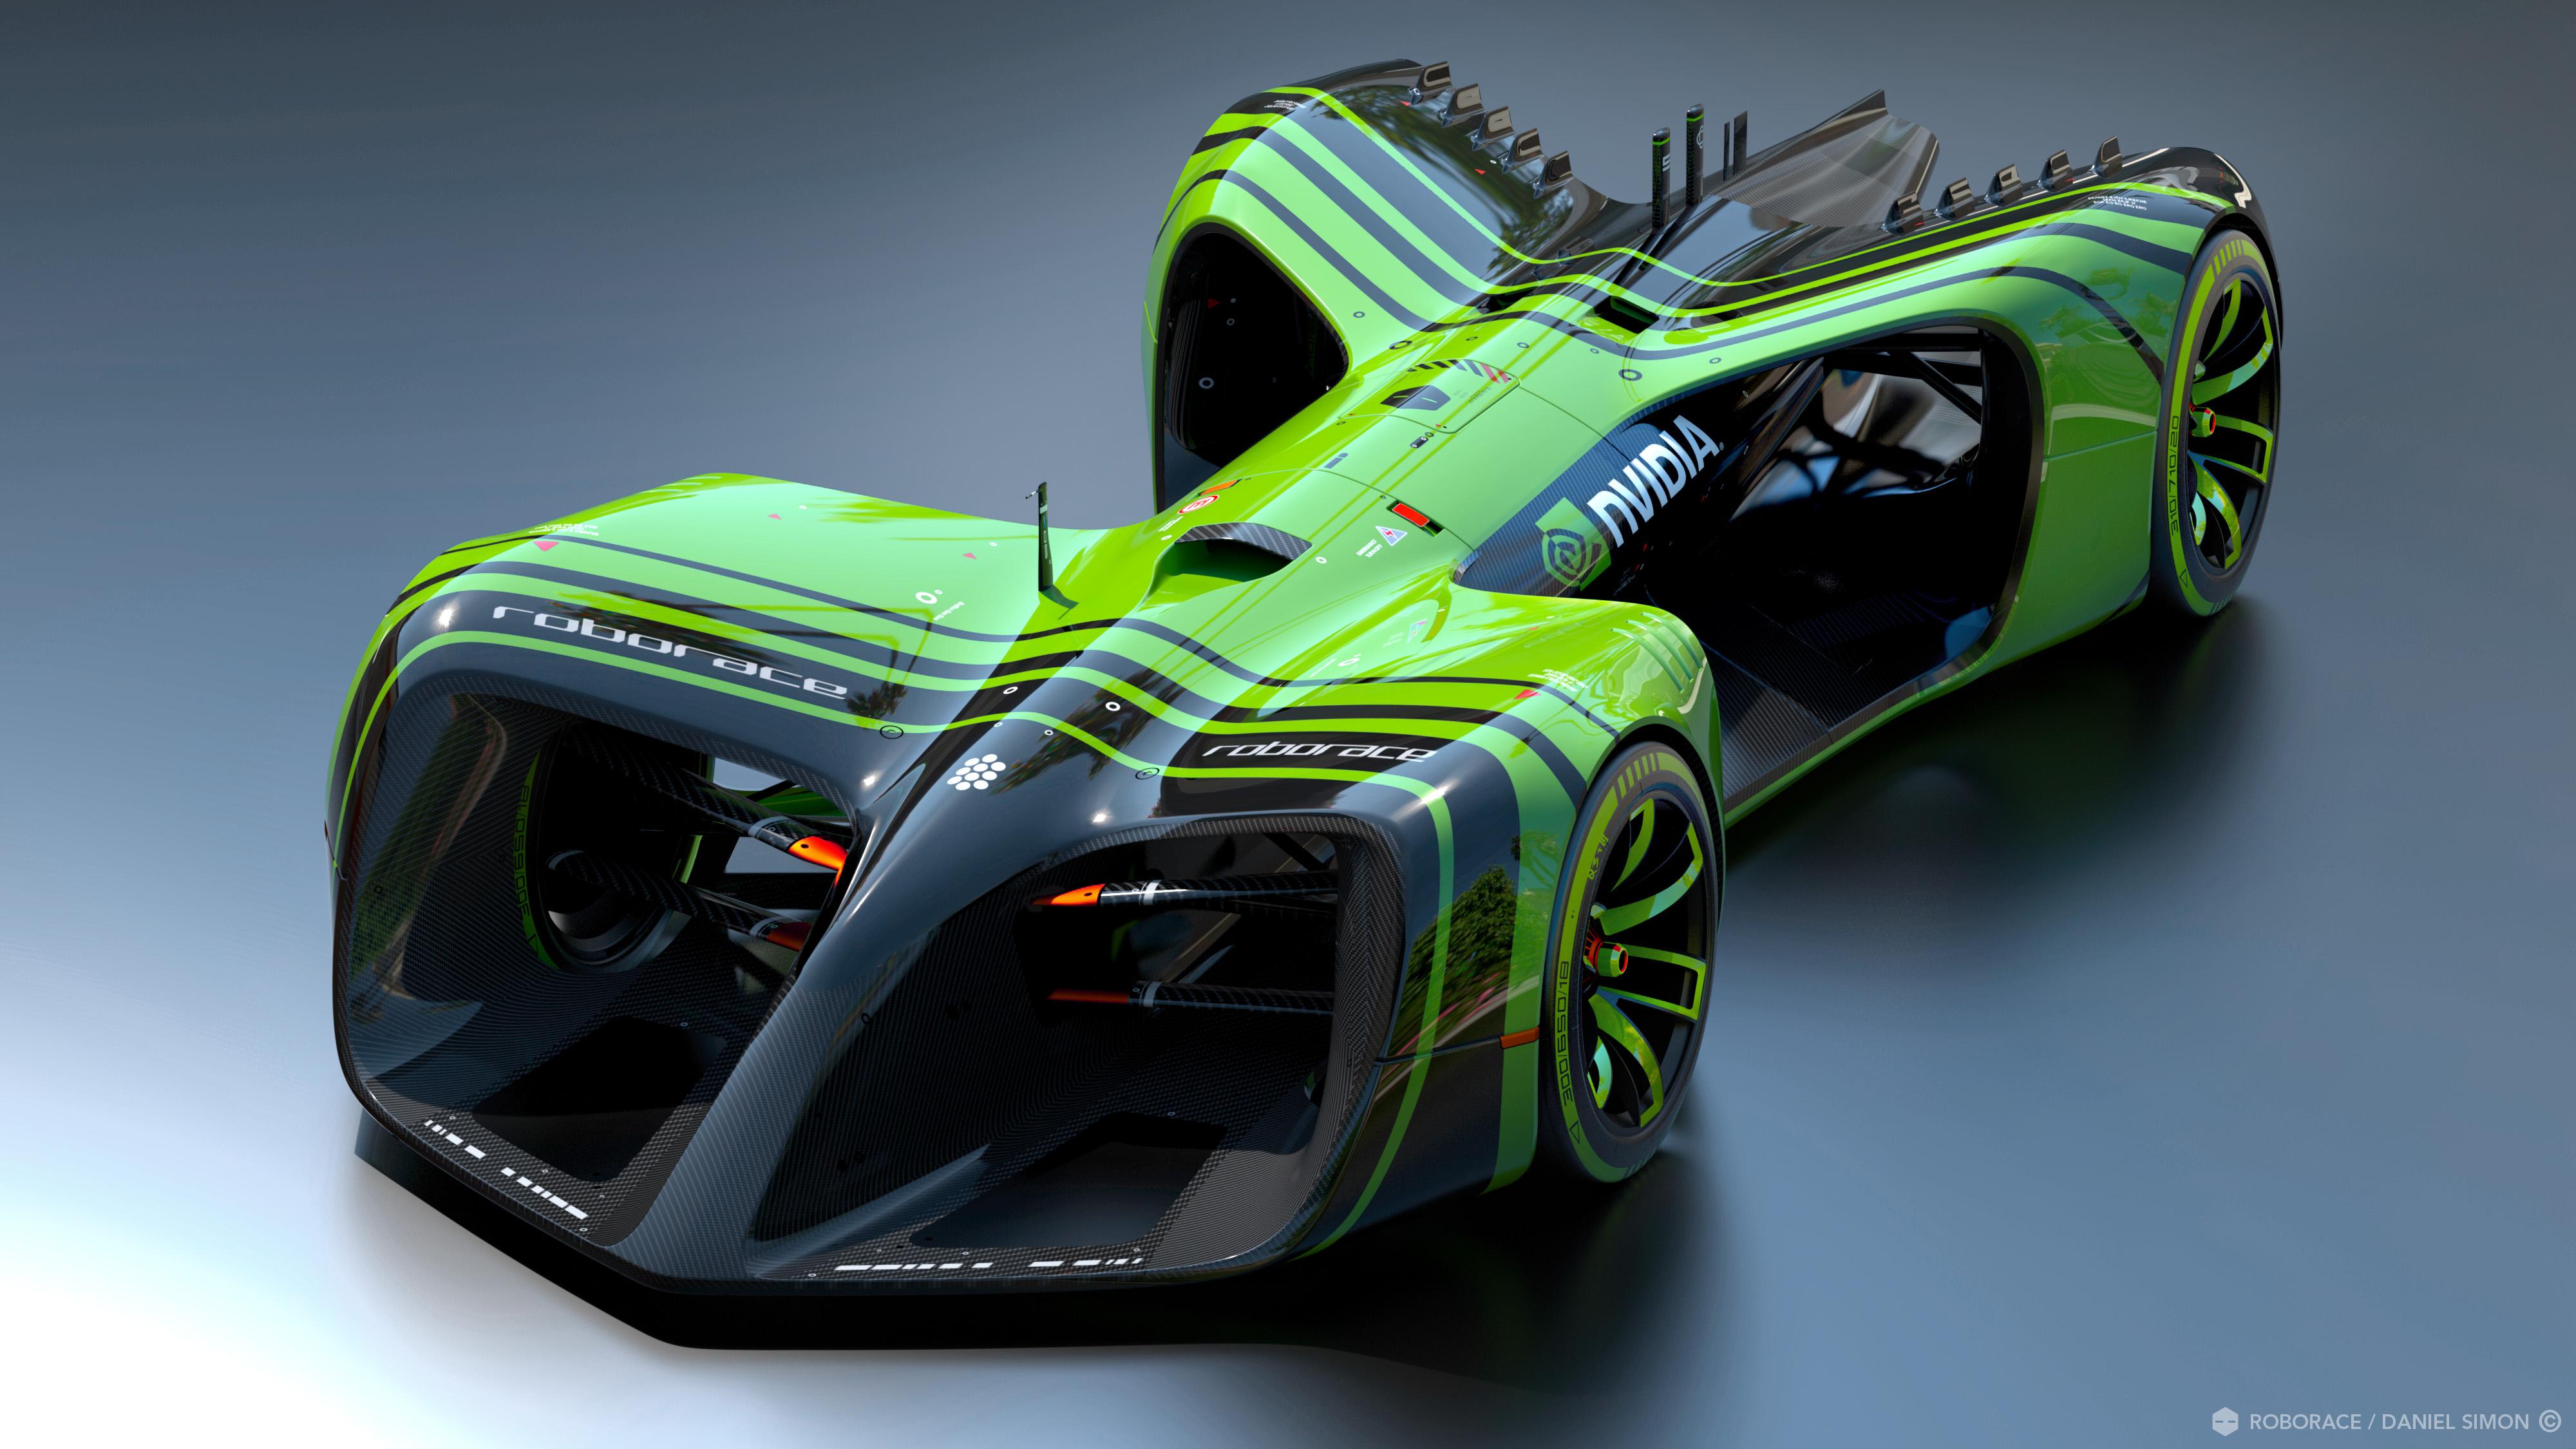 O grande parceiro de tecnologia da informação para a RoboRace será a NVIDIA. Fonte: NVIDIA [2].